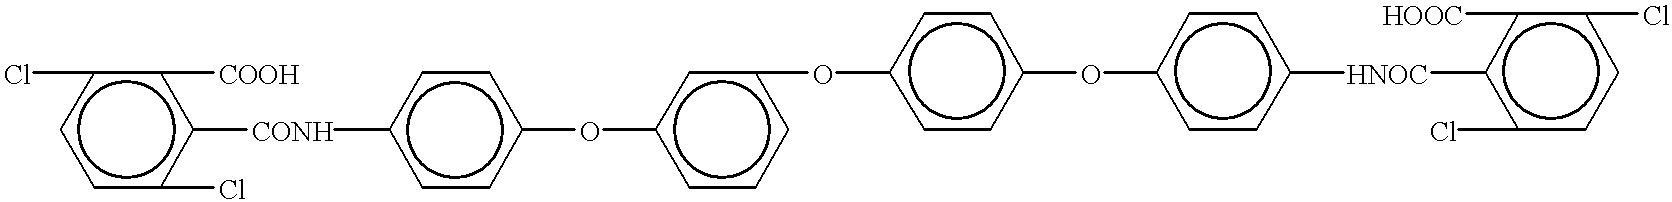 Figure US06180560-20010130-C00752